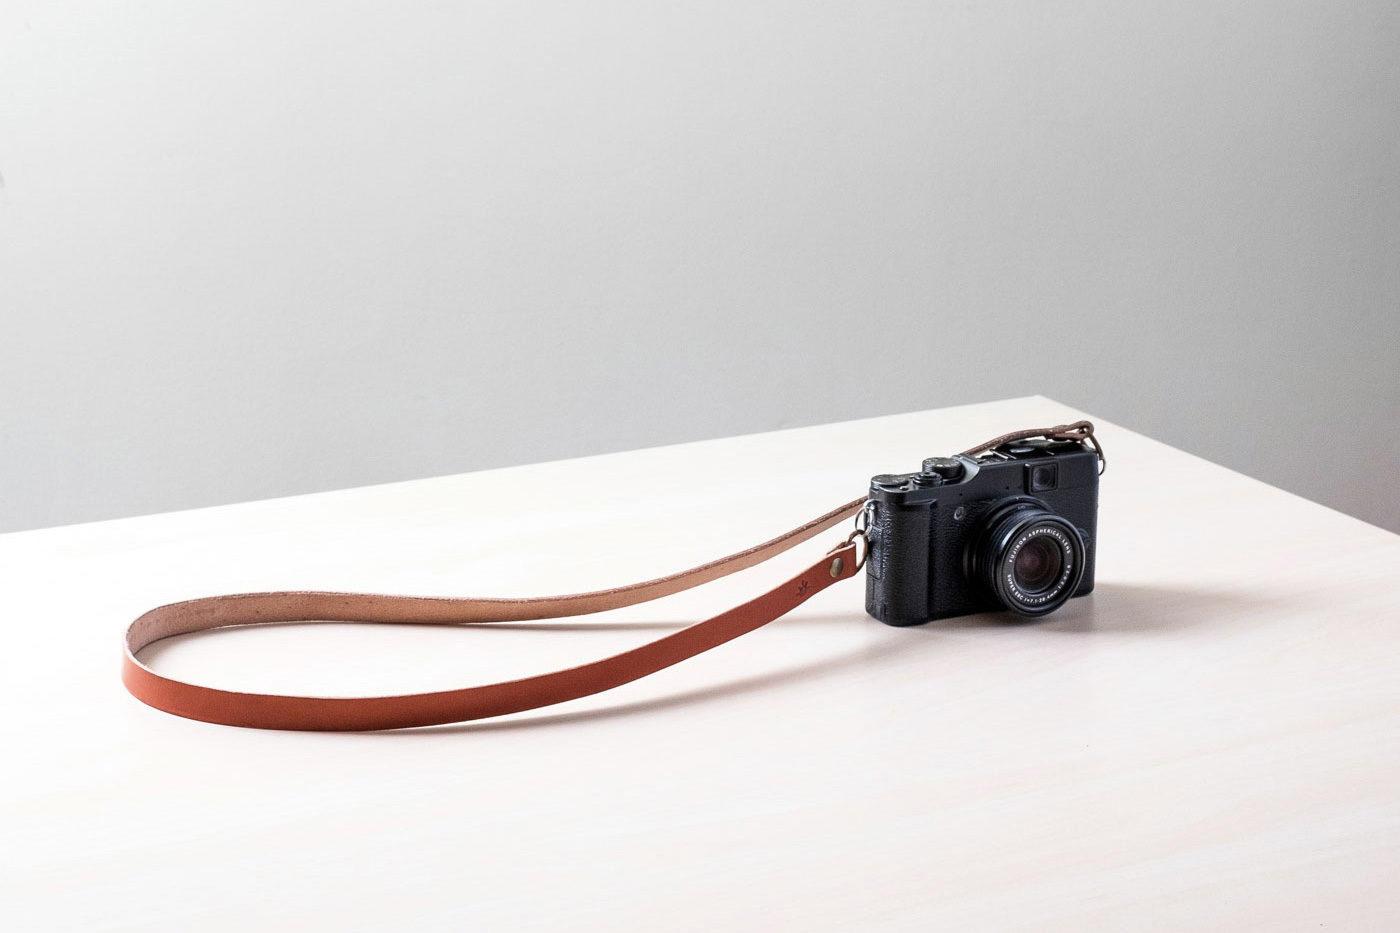 Correa de cuero para cámara de fotos Bretema tostada